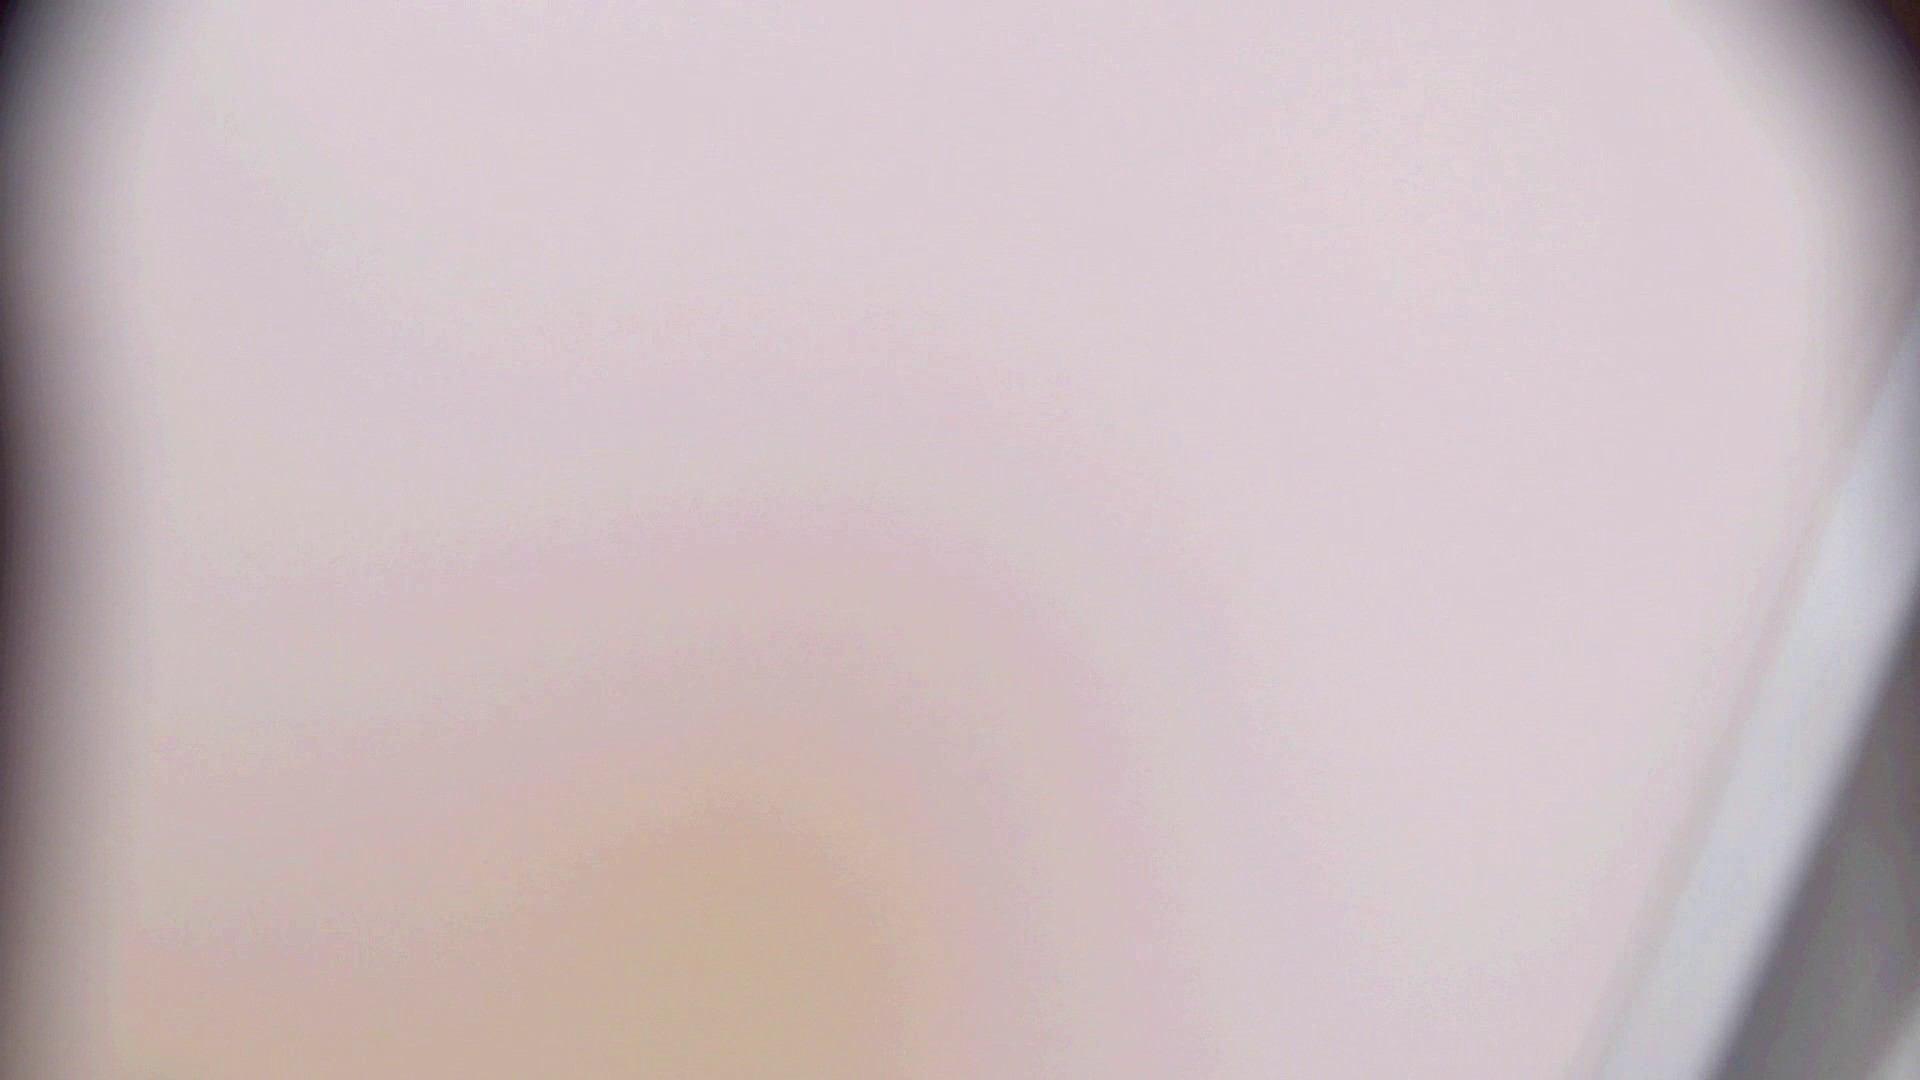 別冊「洗面所突入レポート!!」【閲覧注意!】シート的な物に興味のある方のみ! 洗面所  90PIX 67